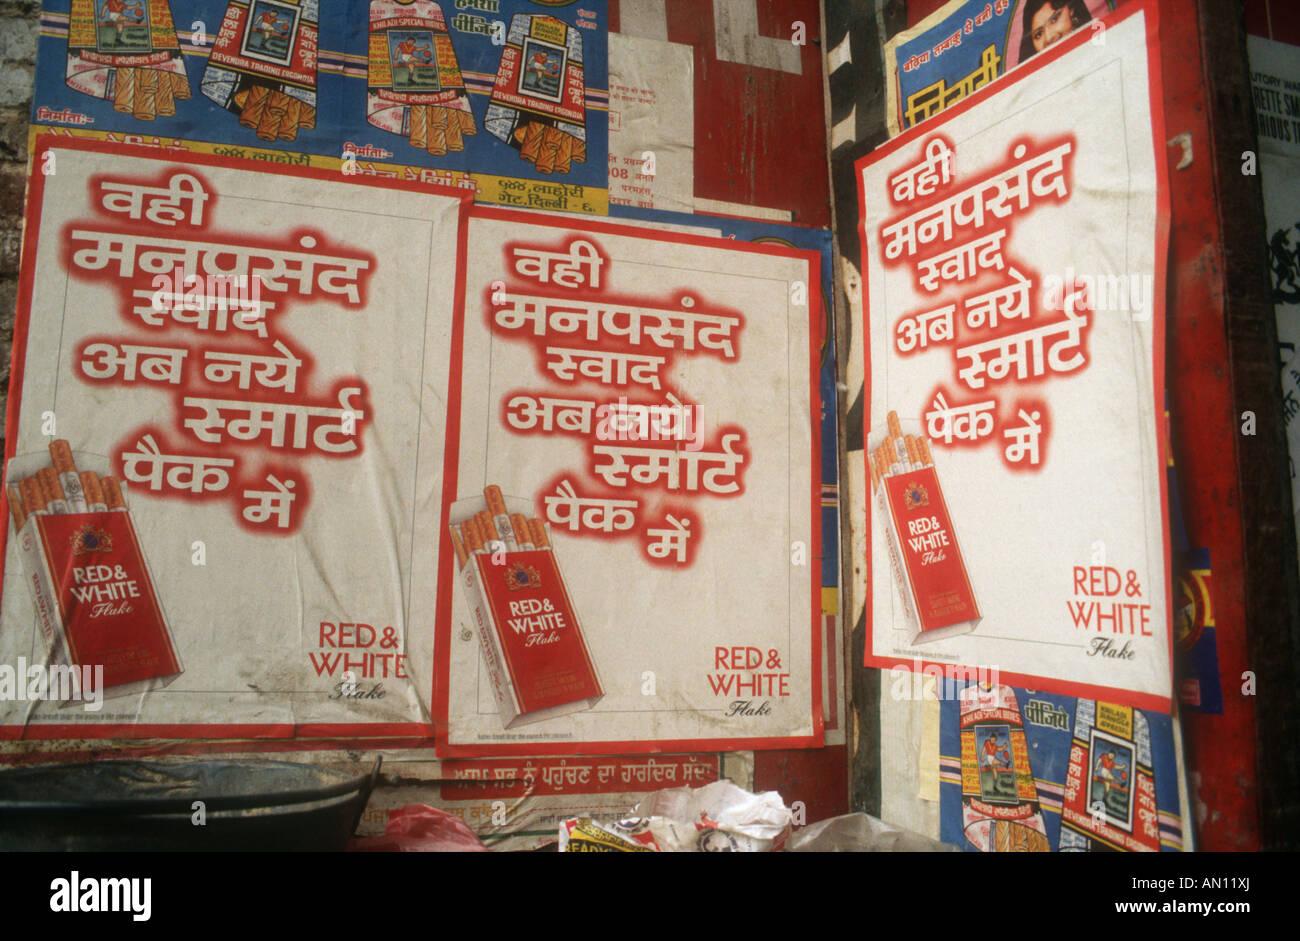 La pubblicità di sigarette in India per il nome della marca in rosso e bianco a scaglie. Immagini Stock